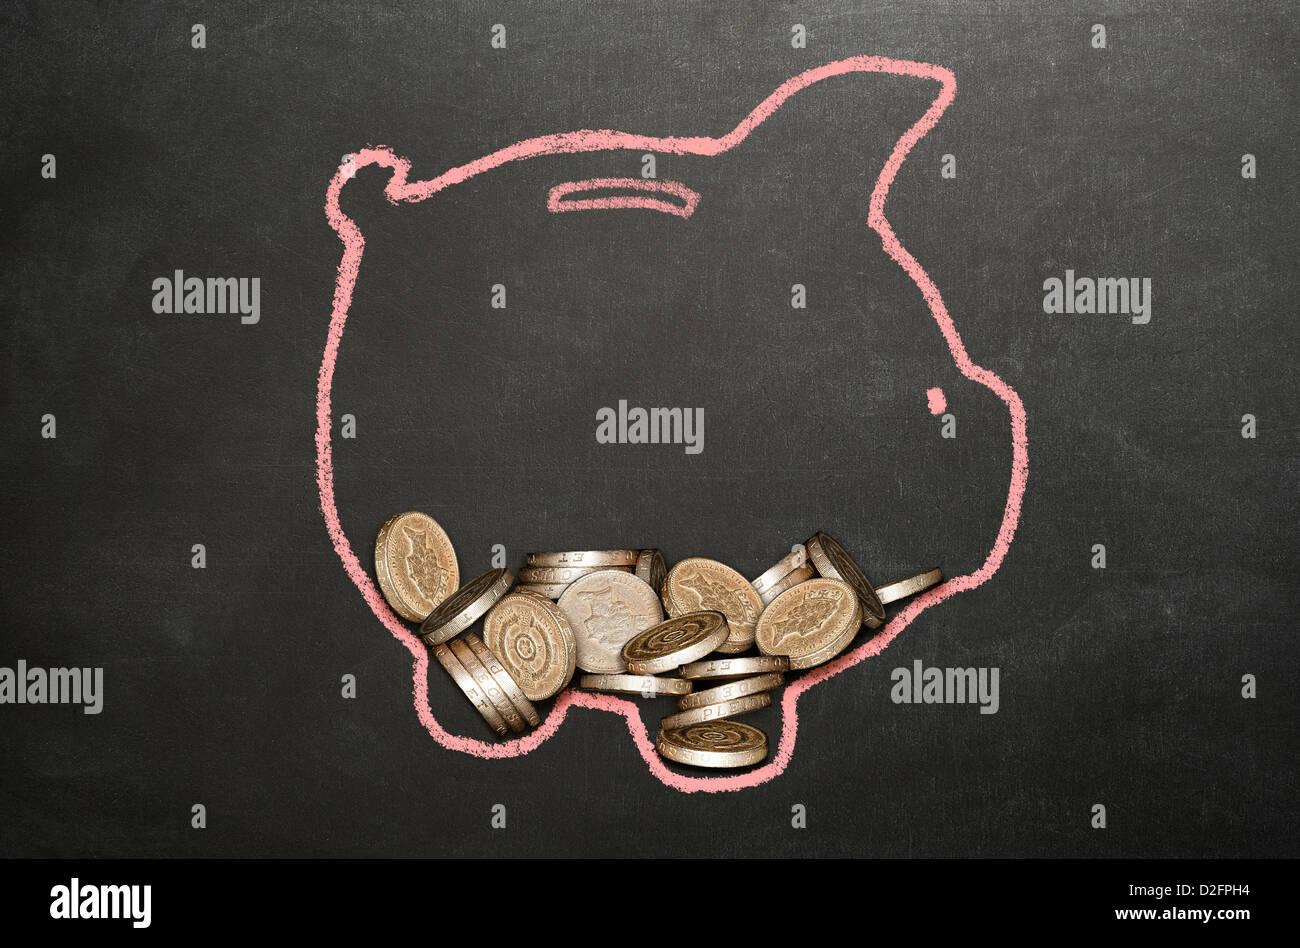 Denaro (Sterling) monete in un salvadanaio disegnati su una lavagna Immagini Stock